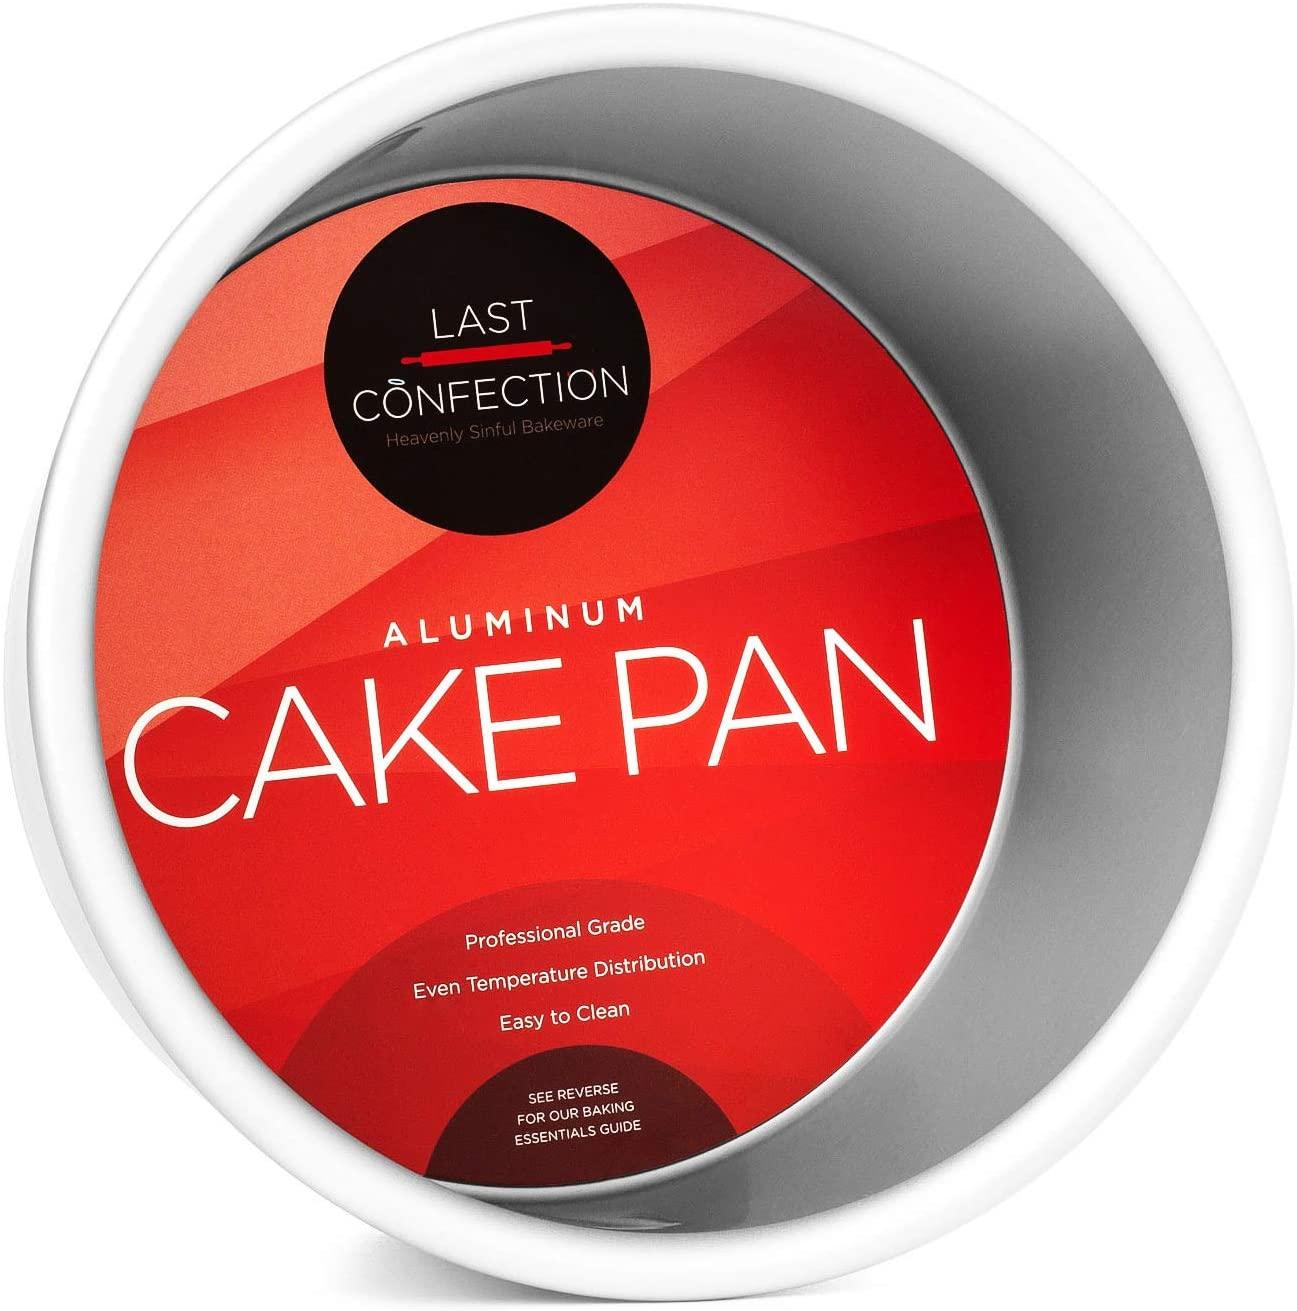 Last Confection 6